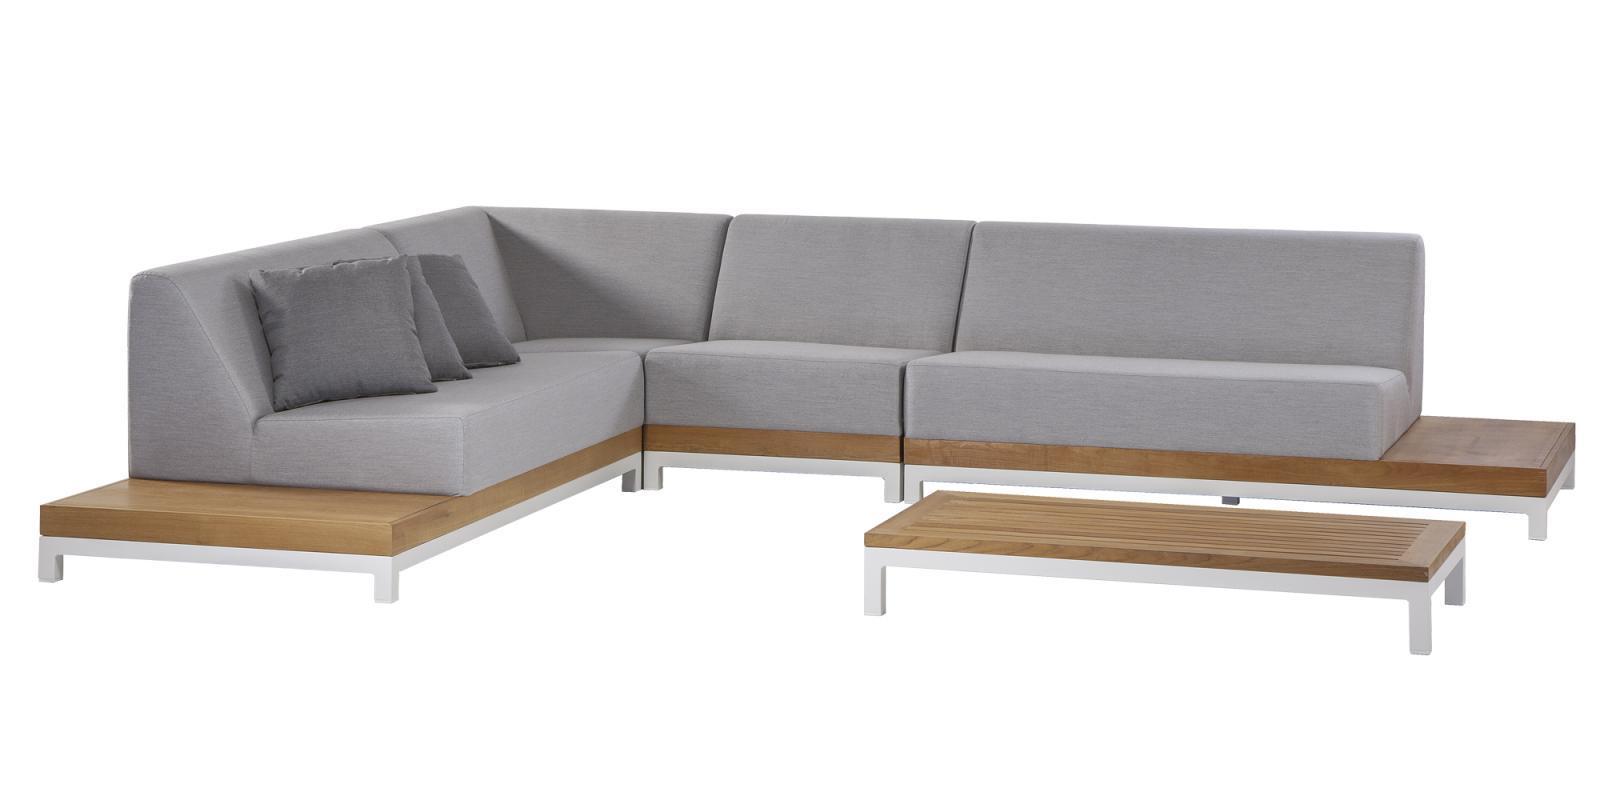 Комплект модульной мягкой мебели Ivory